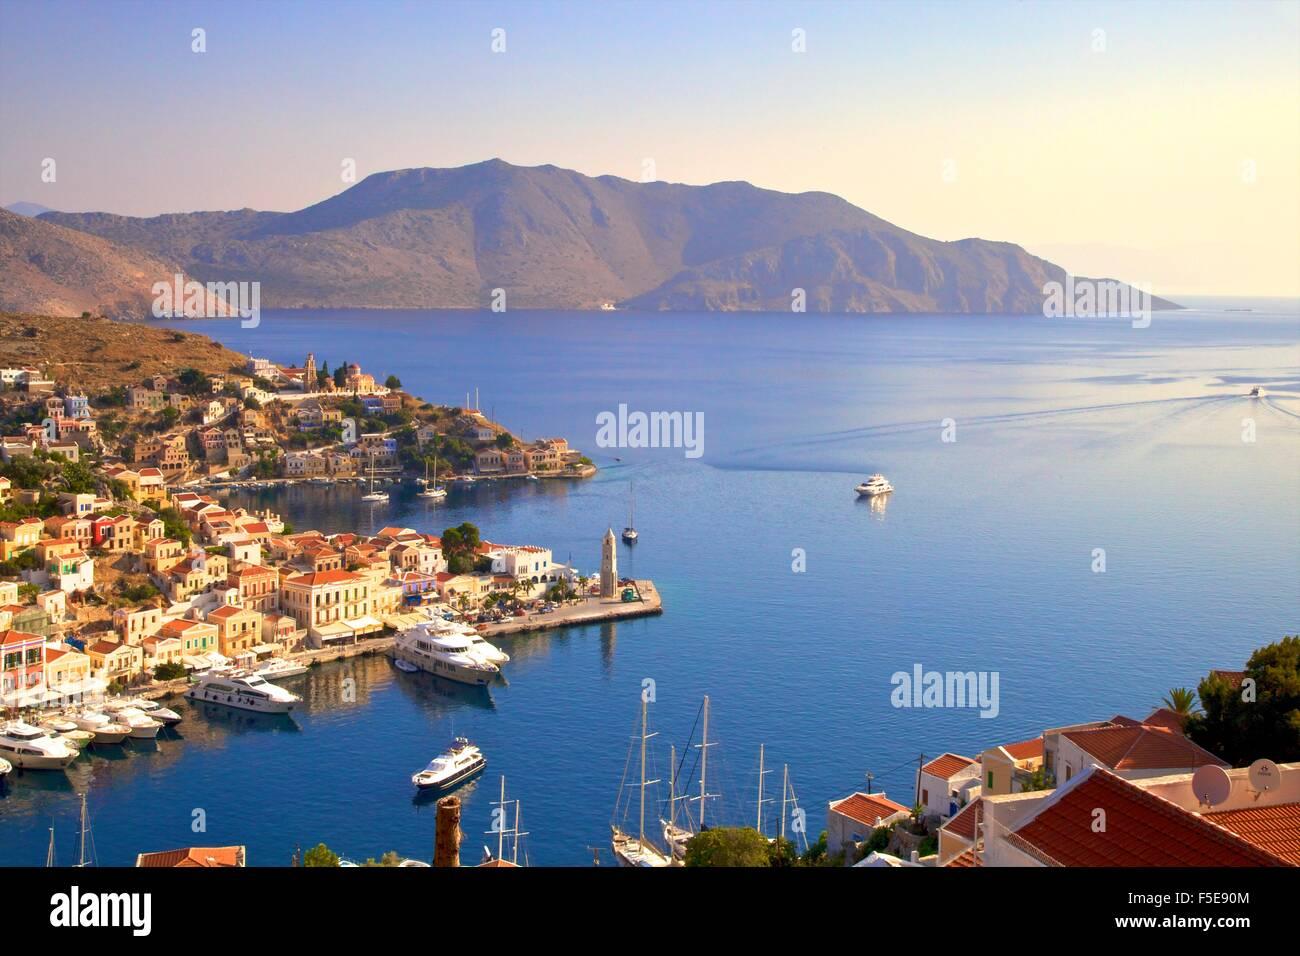 Le port de Symi, Symi, Dodécanèse, îles grecques, Grèce, Europe Photo Stock